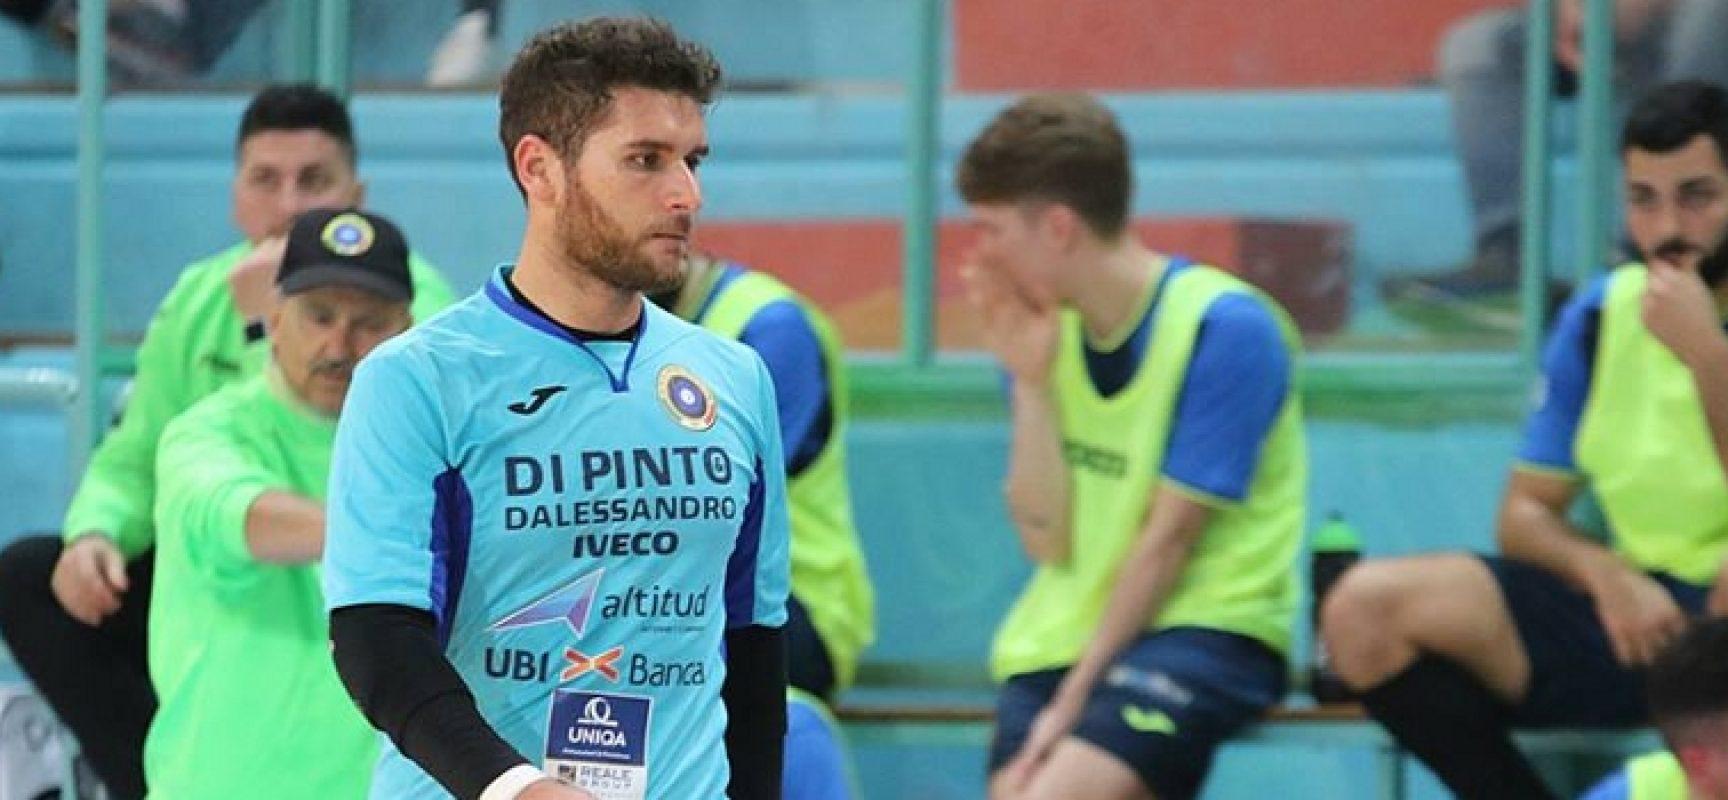 Futsal Bisceglie, si fa sul serio: domani l'esordio in Coppa della Divisione a Canosa